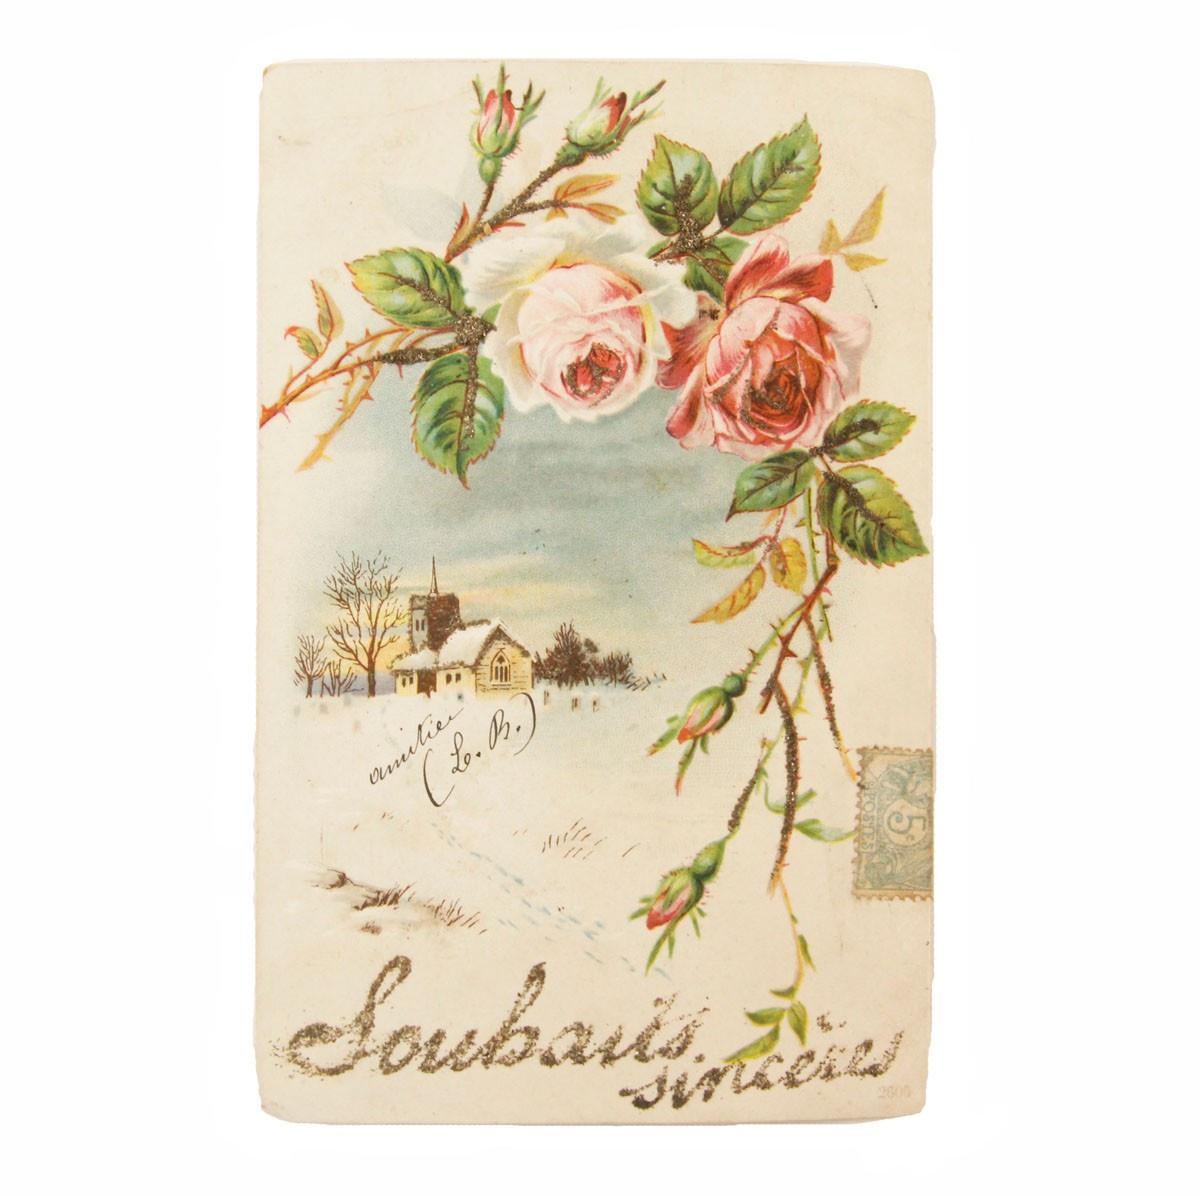 Дверка открытки, коллекционные открытки цены